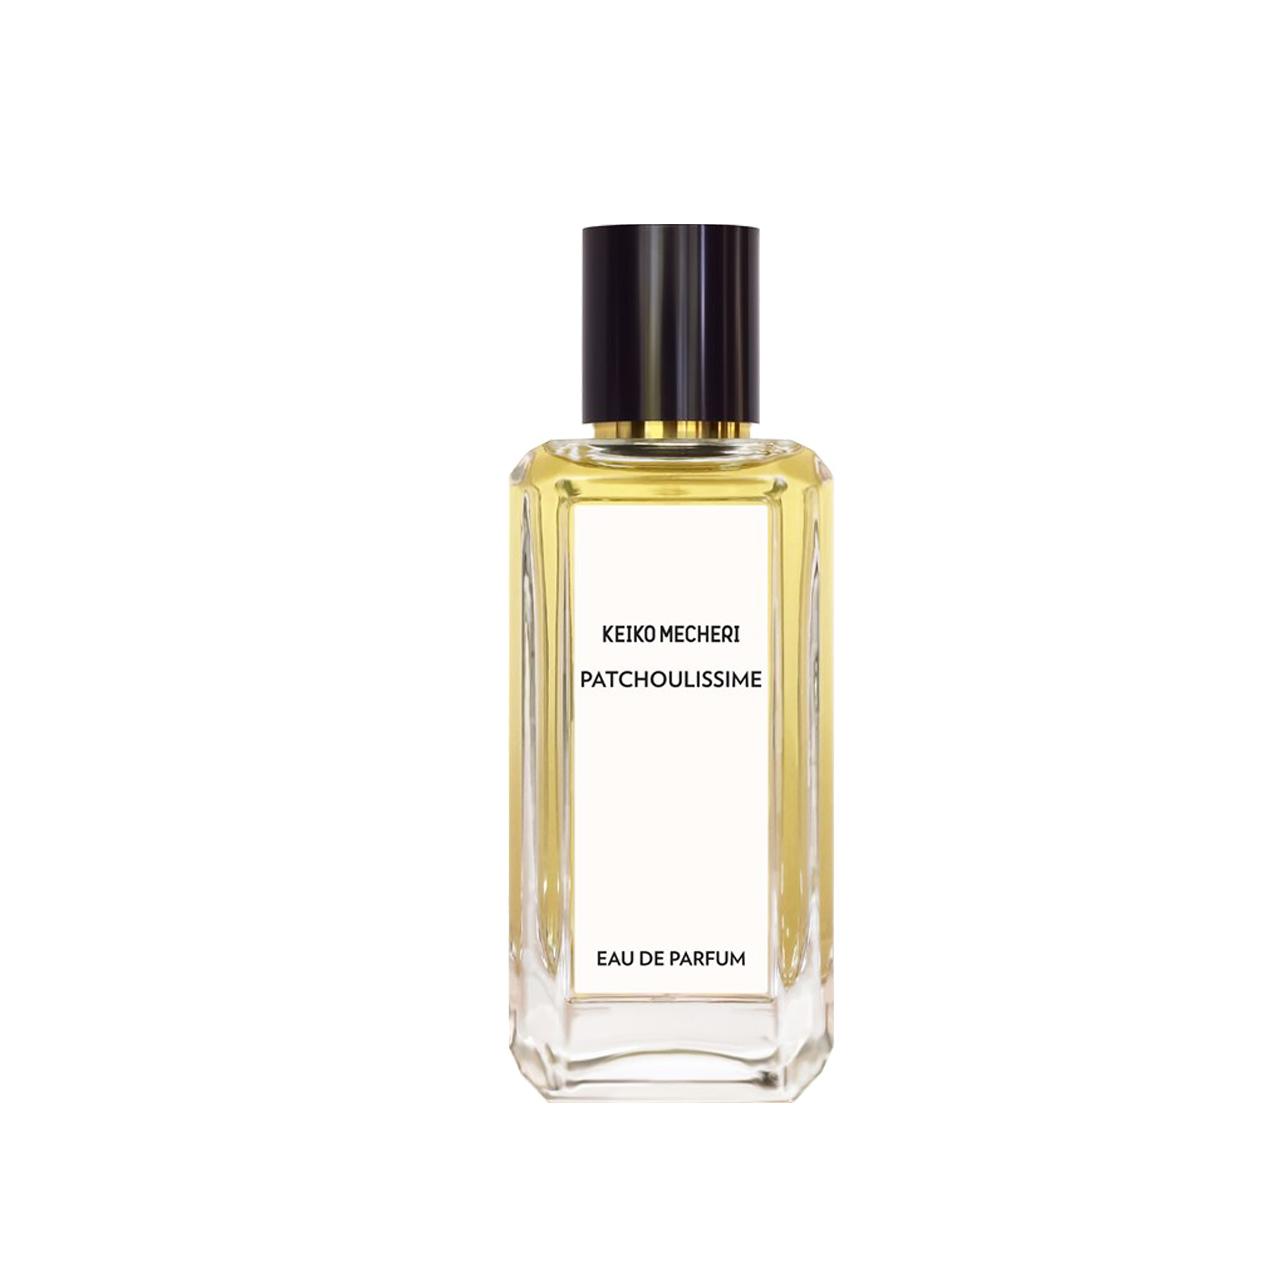 Patchoulissime - Eau de Parfum